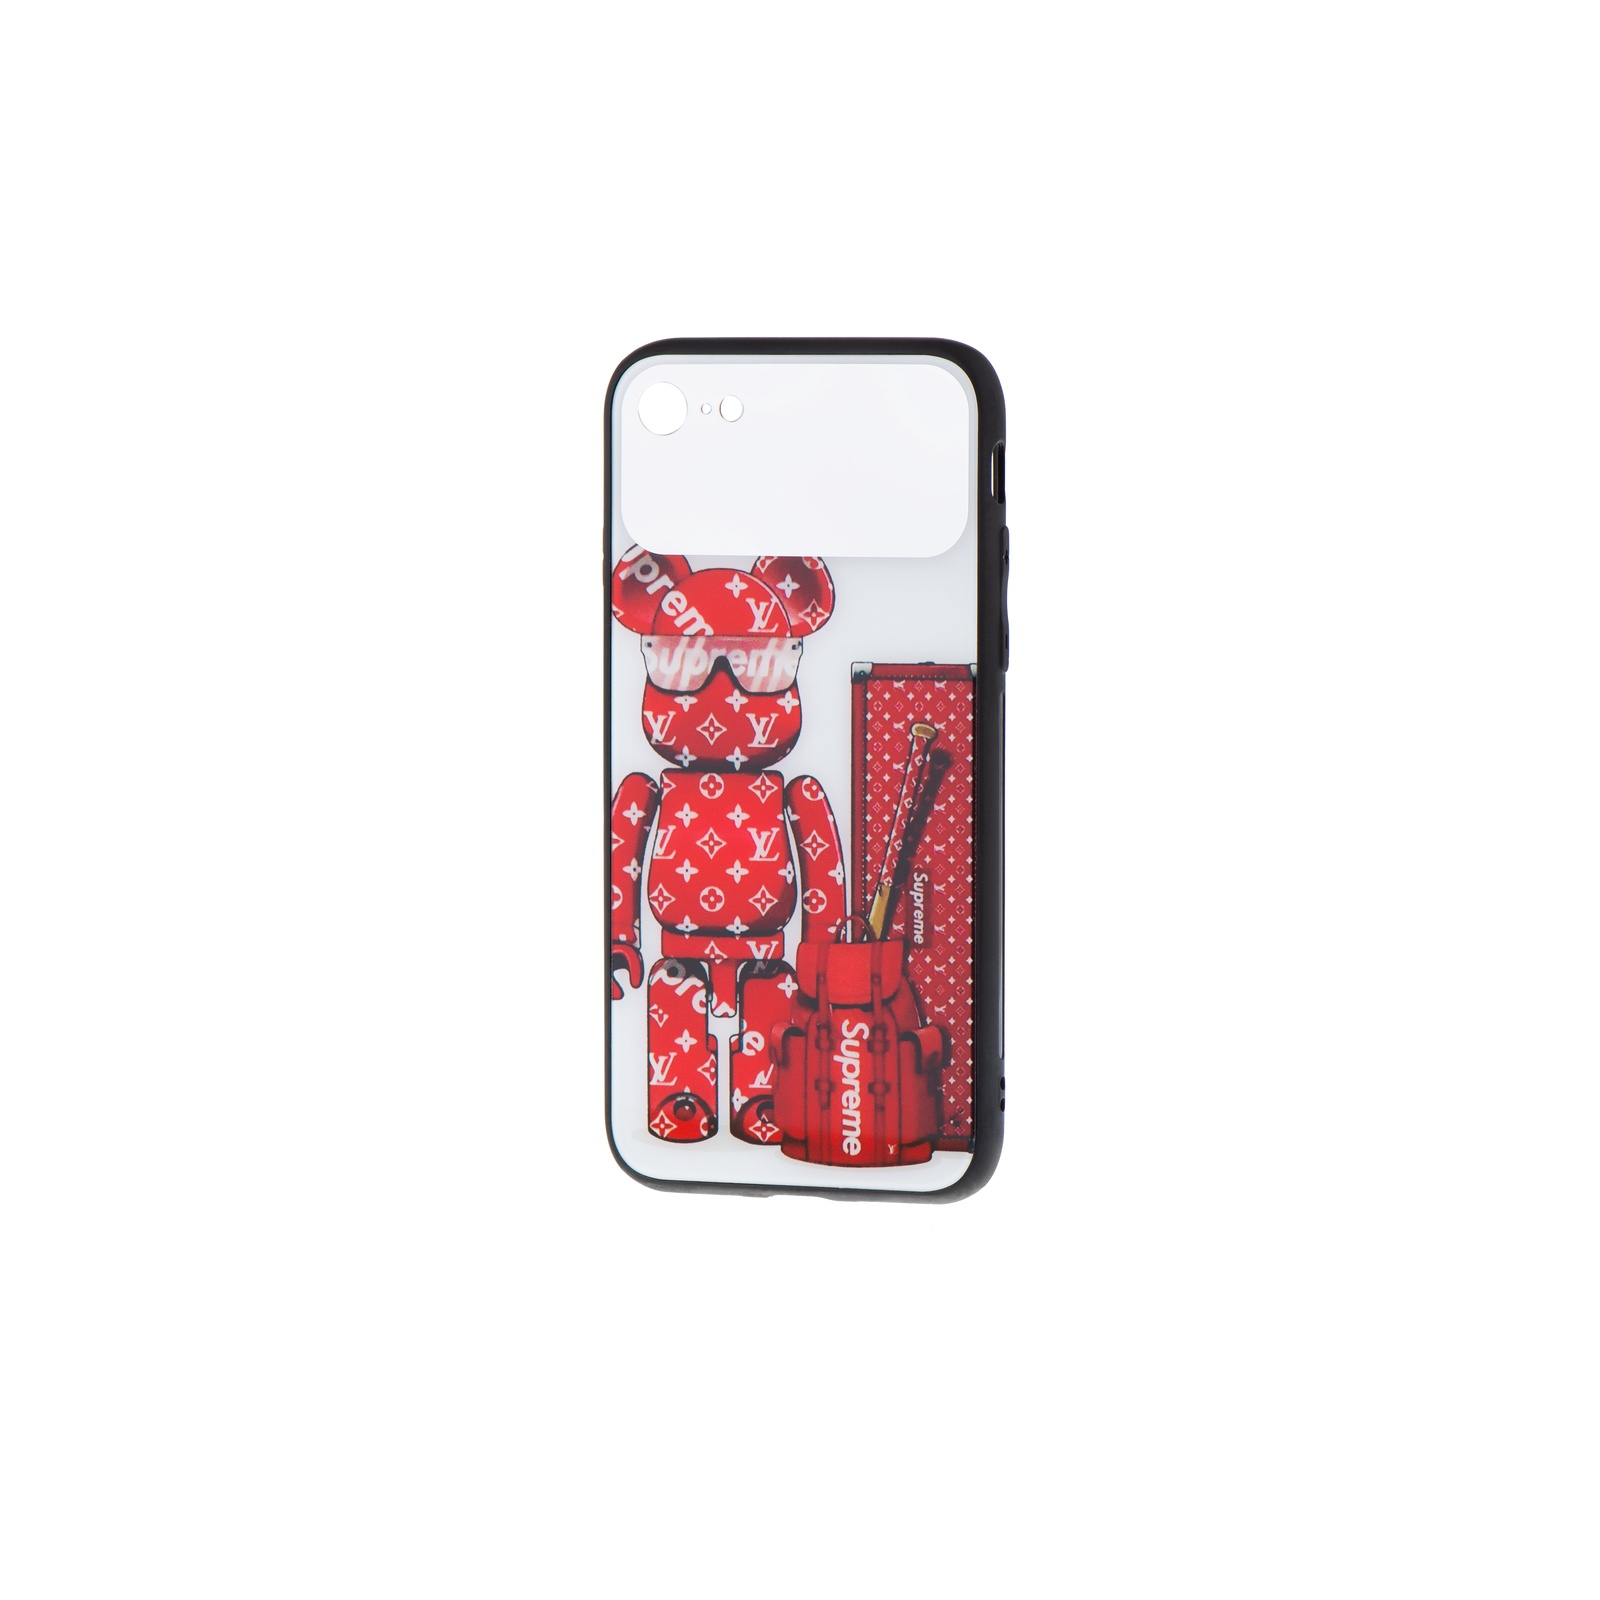 Чехол для сотового телефона Markclub@Hoco силиконовый для 7 и 8, красный беспроводная колонка markclub hoco tg 168 красный